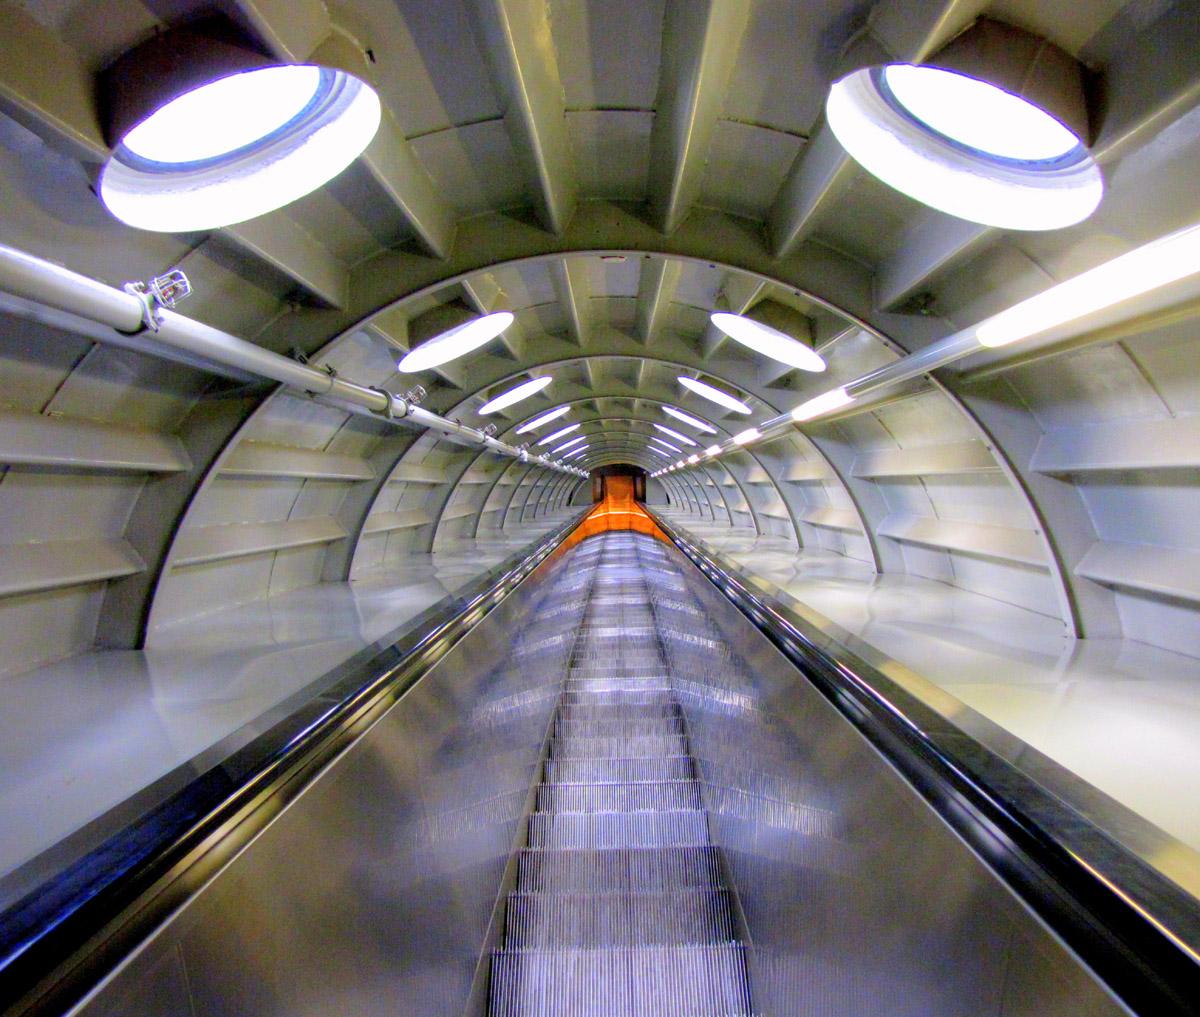 Leicht verschwommen fotografierte Rolltreppe innerhalb des Atomiums in Brüssel